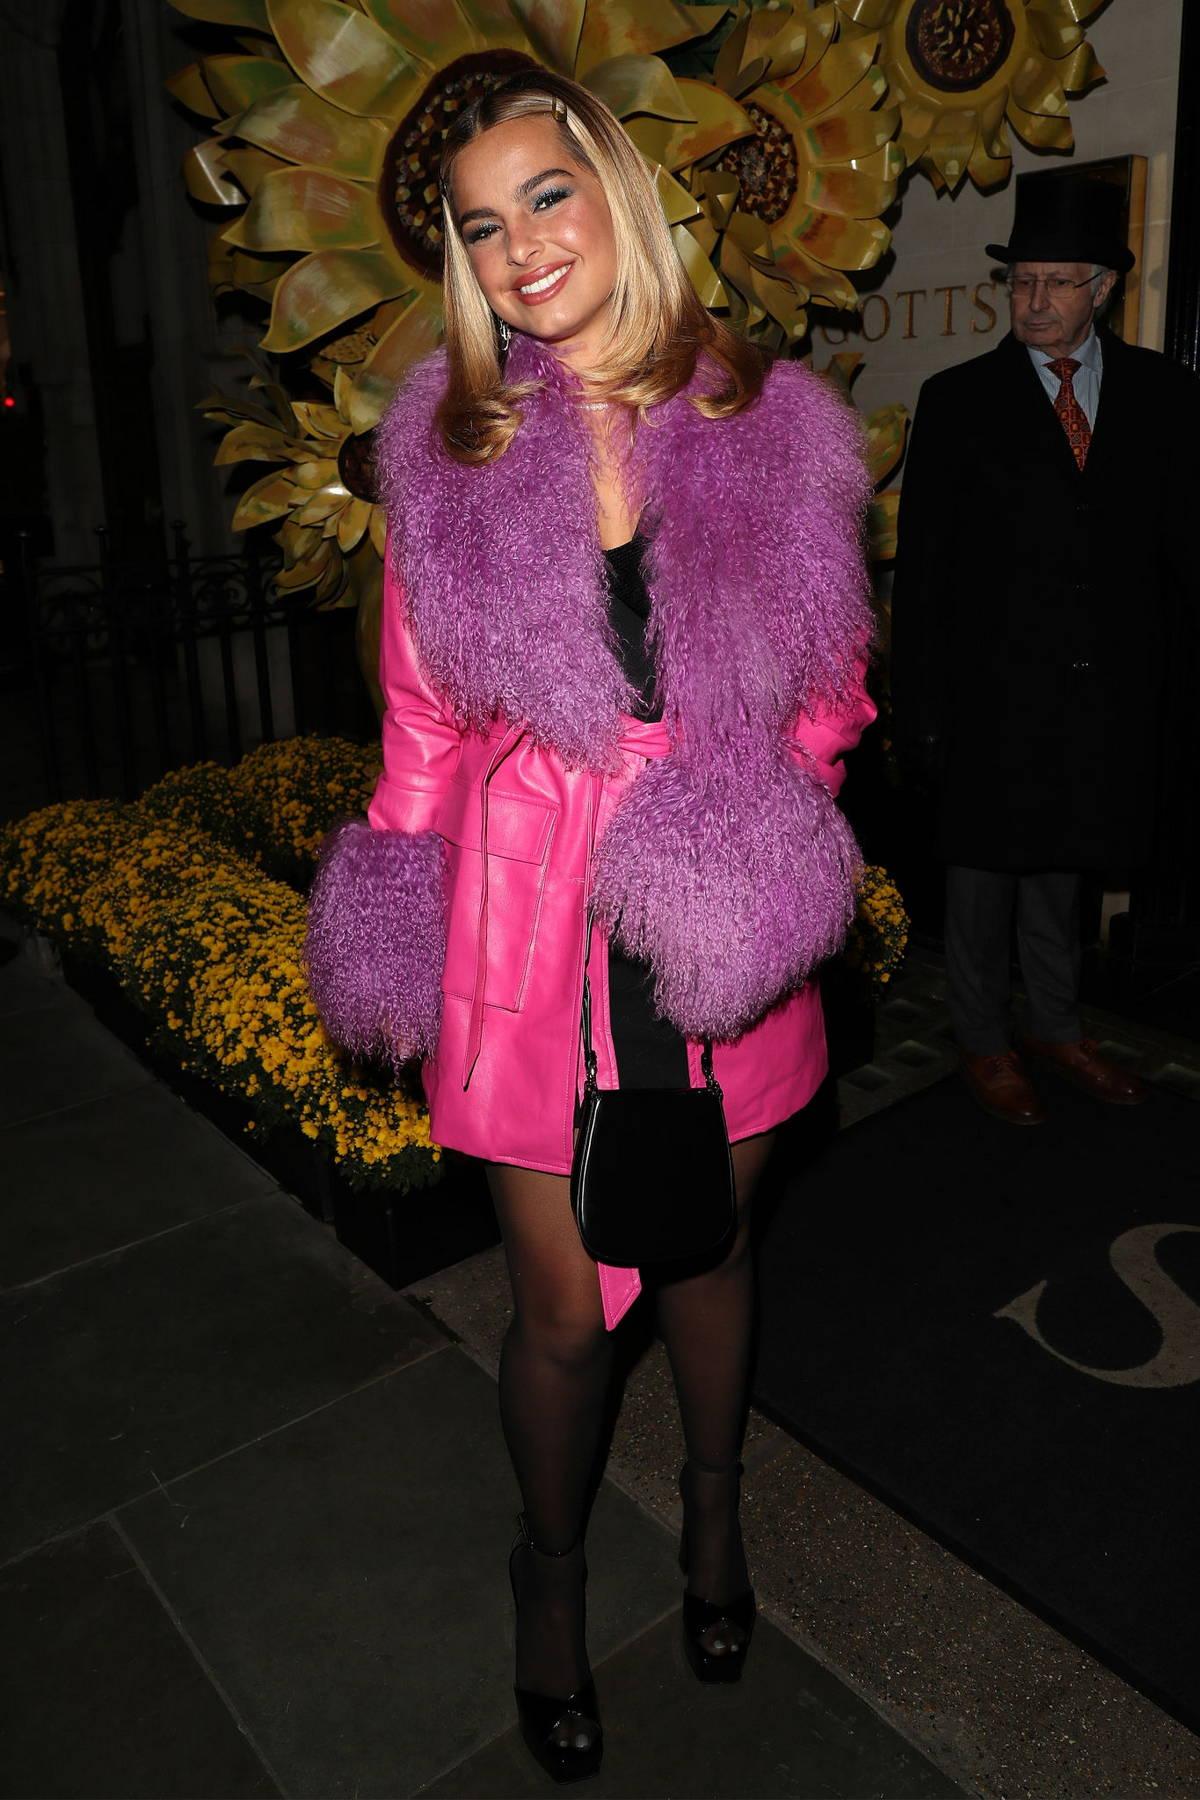 Addison Rae looks pretty in pink as she arrives for dinner at Scott's Mayfair Restaurant in London, UK